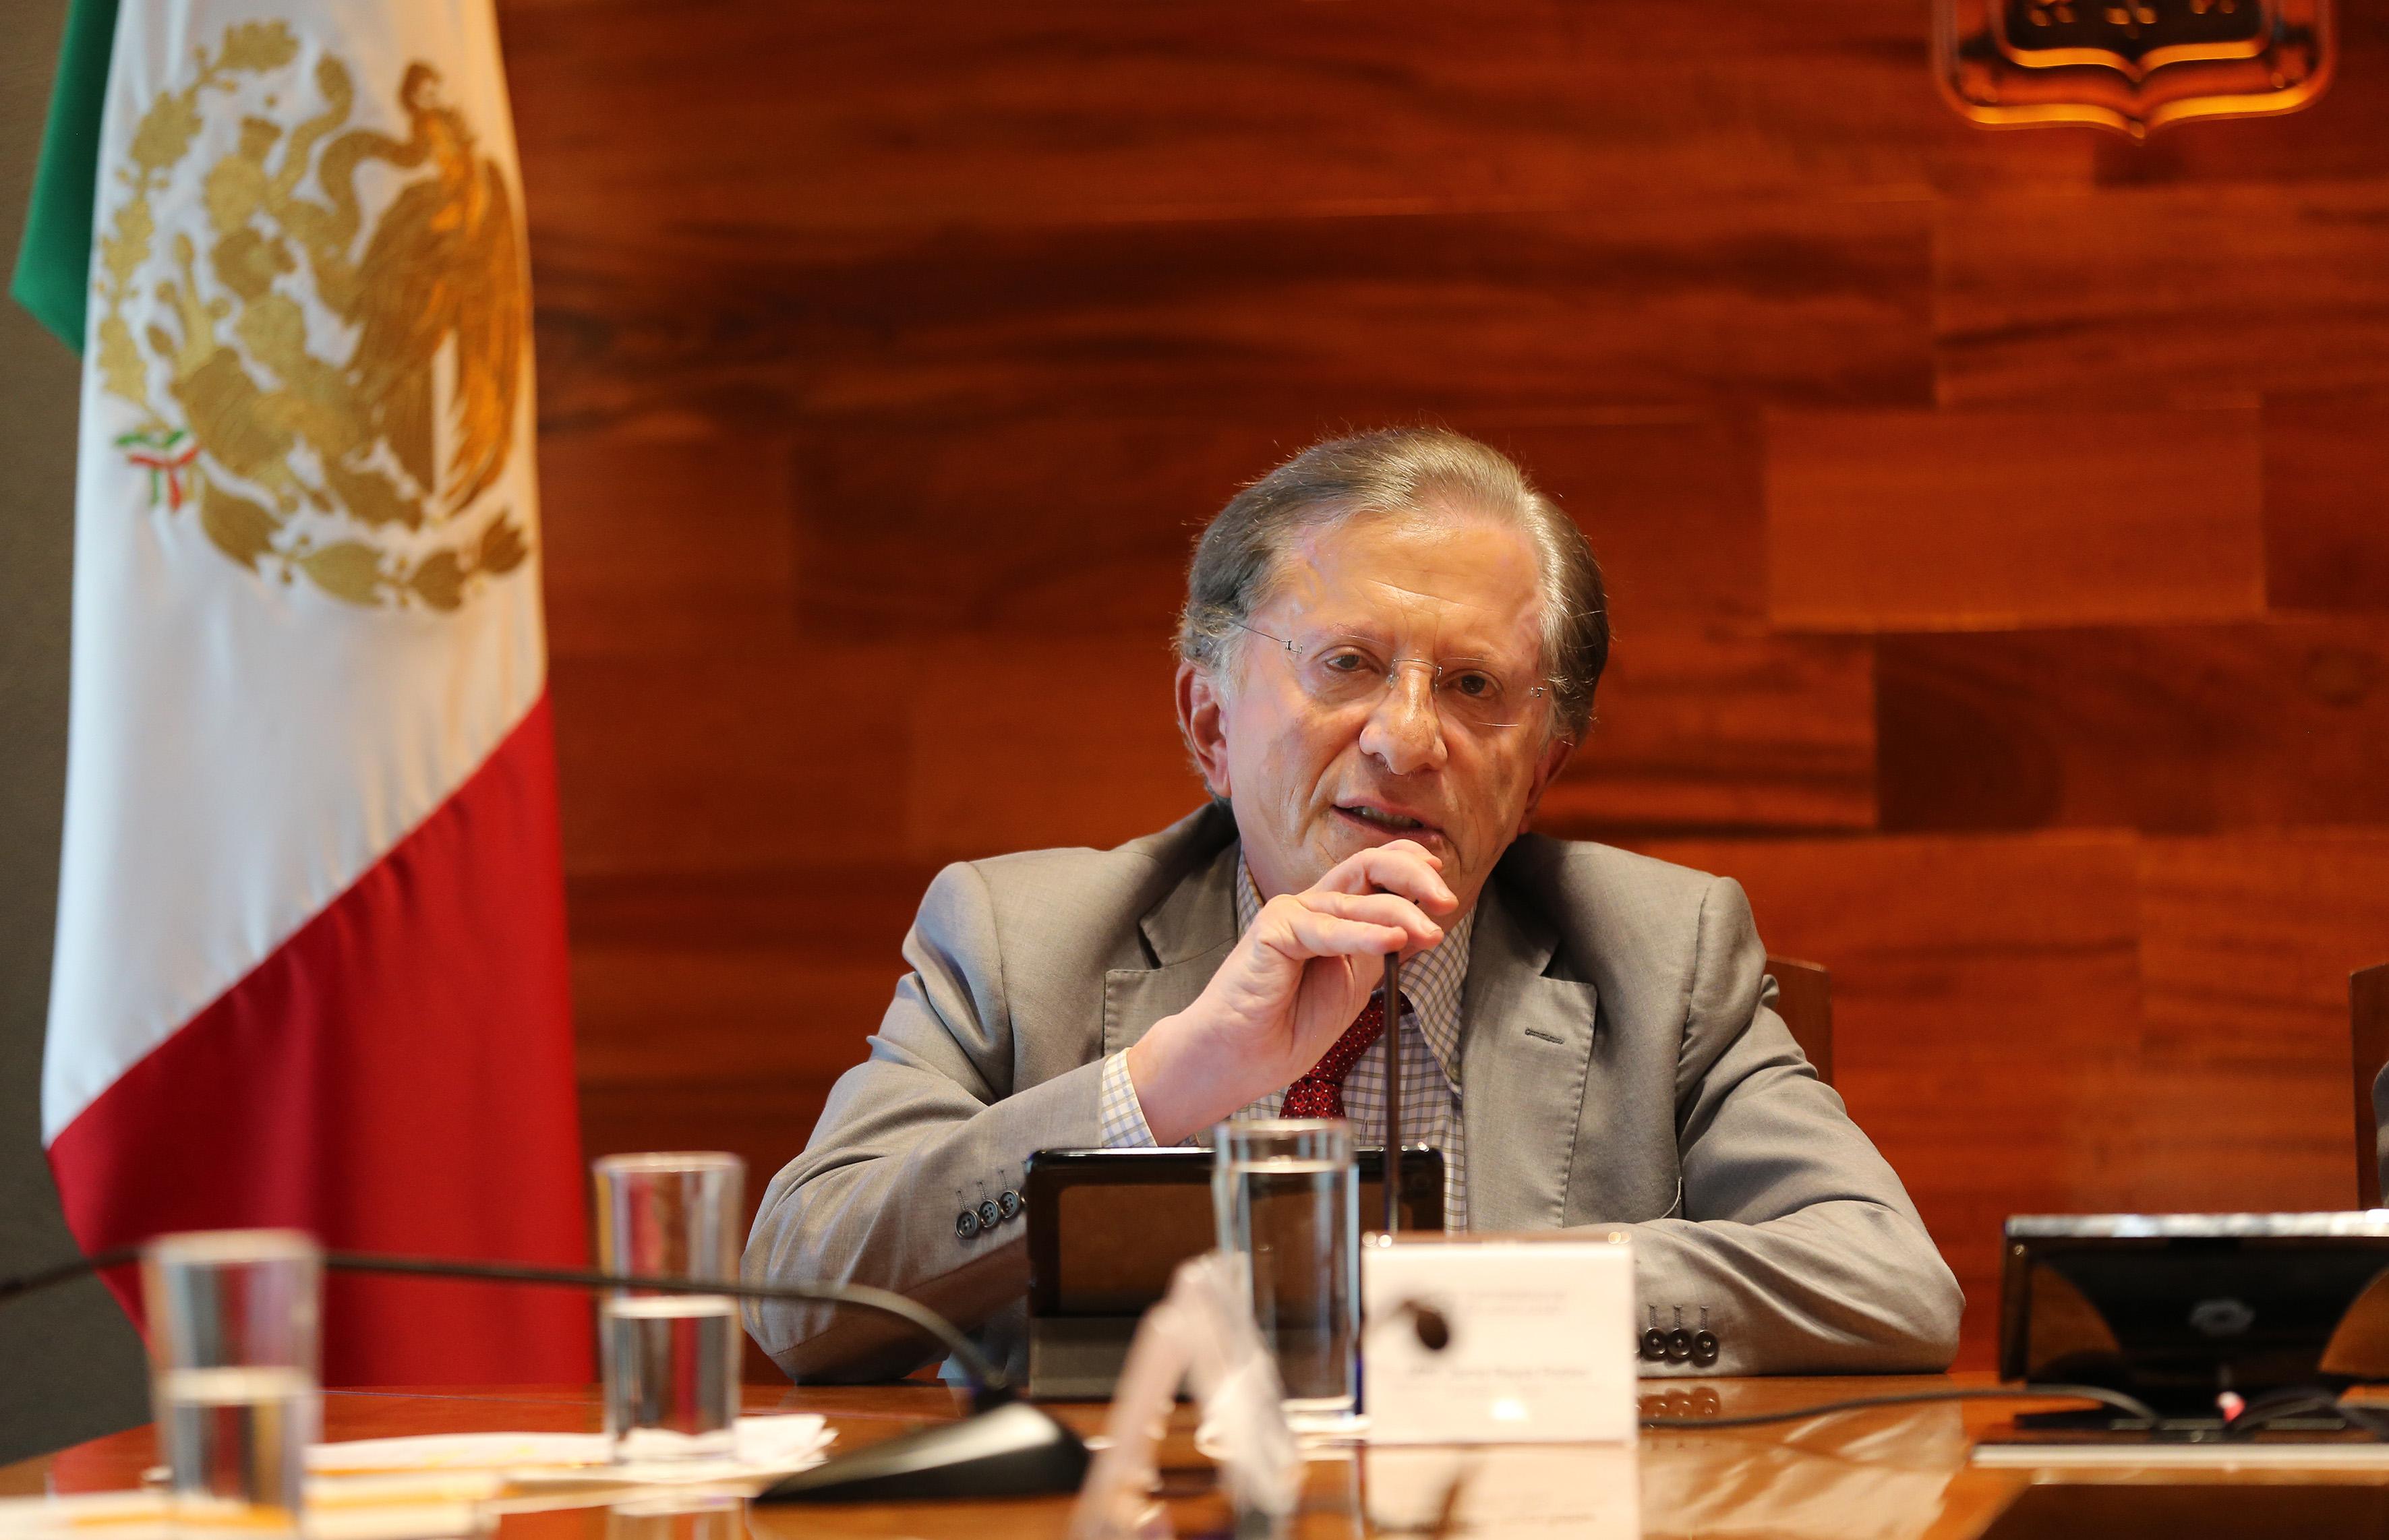 Mtro. Jaime Reyes Robles, Secretario de Innovación, Ciencia y Tecnología de Jalisco, haciendo uso de la palabra en conferencia de prensa